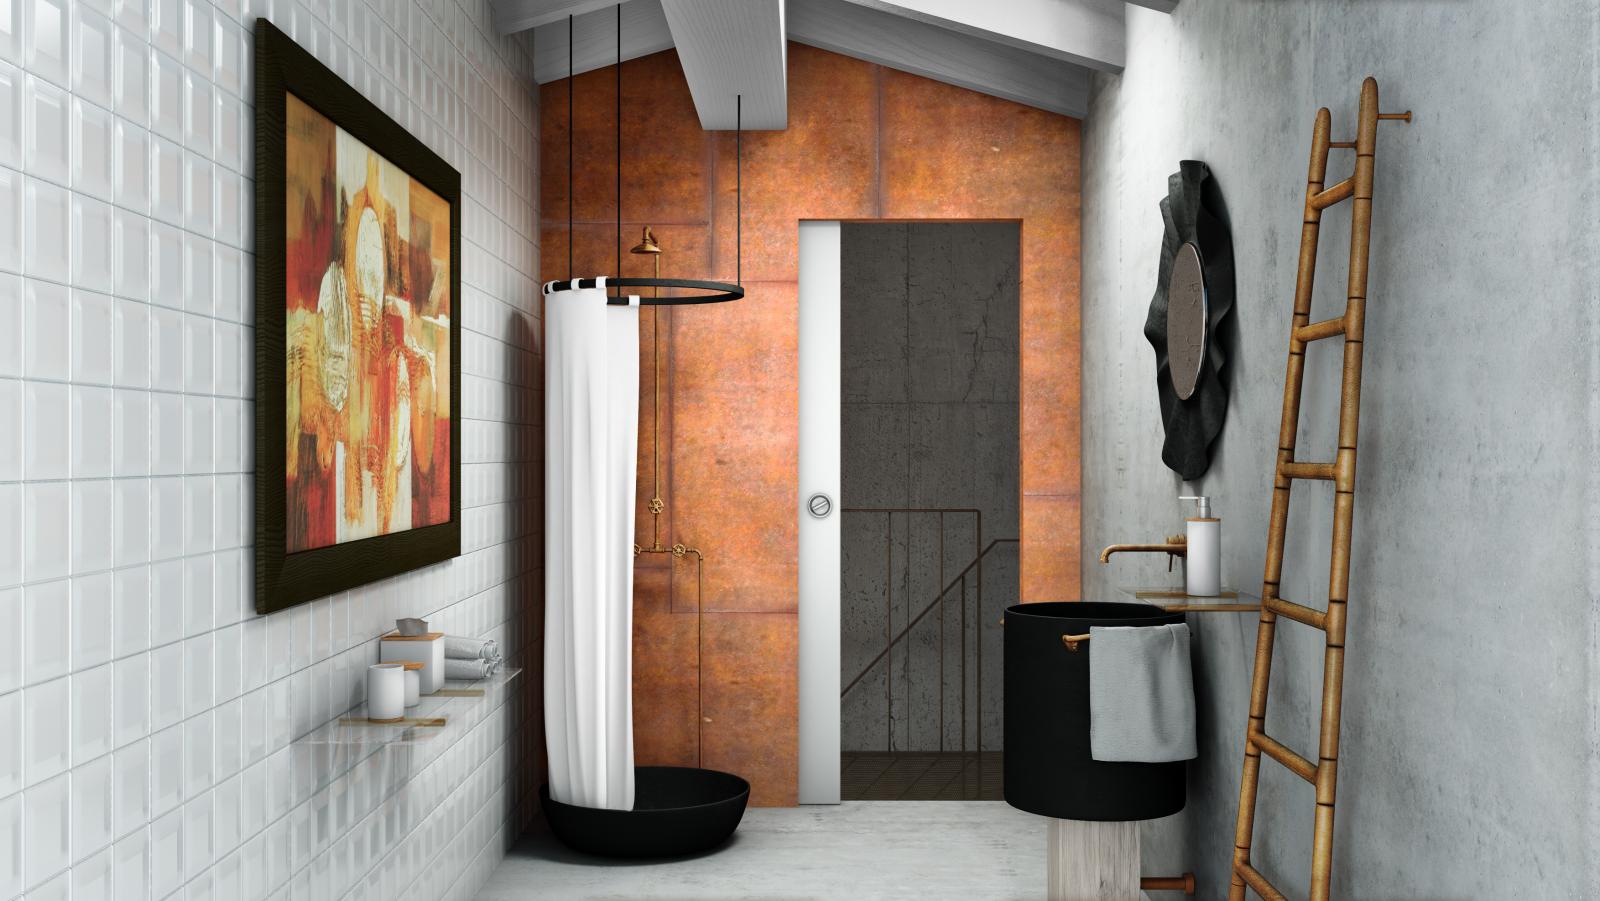 Il sapore del design industriale compro e vendo immobiliare loreto - Progetto bagno paderno ...